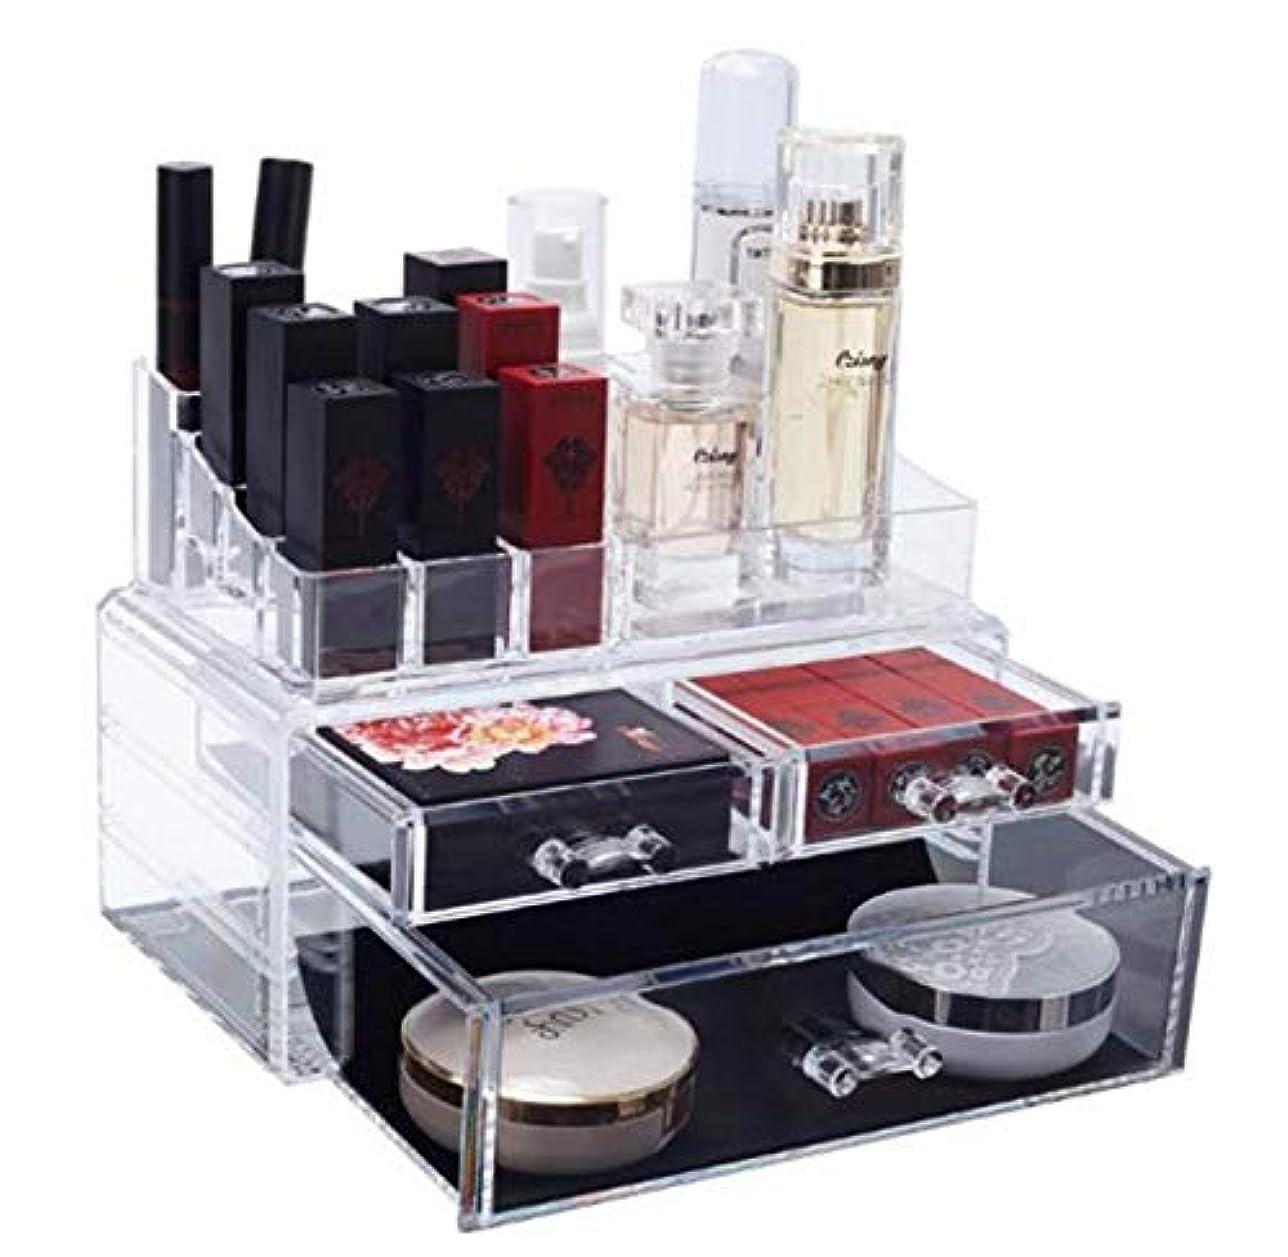 範囲フィードバック誤解を招く化粧品収納ボックス メイク収納ケース コスメ 収納ボックス 大容量 高透明度 引き出し アクセサリー/化粧品入れ 耐久